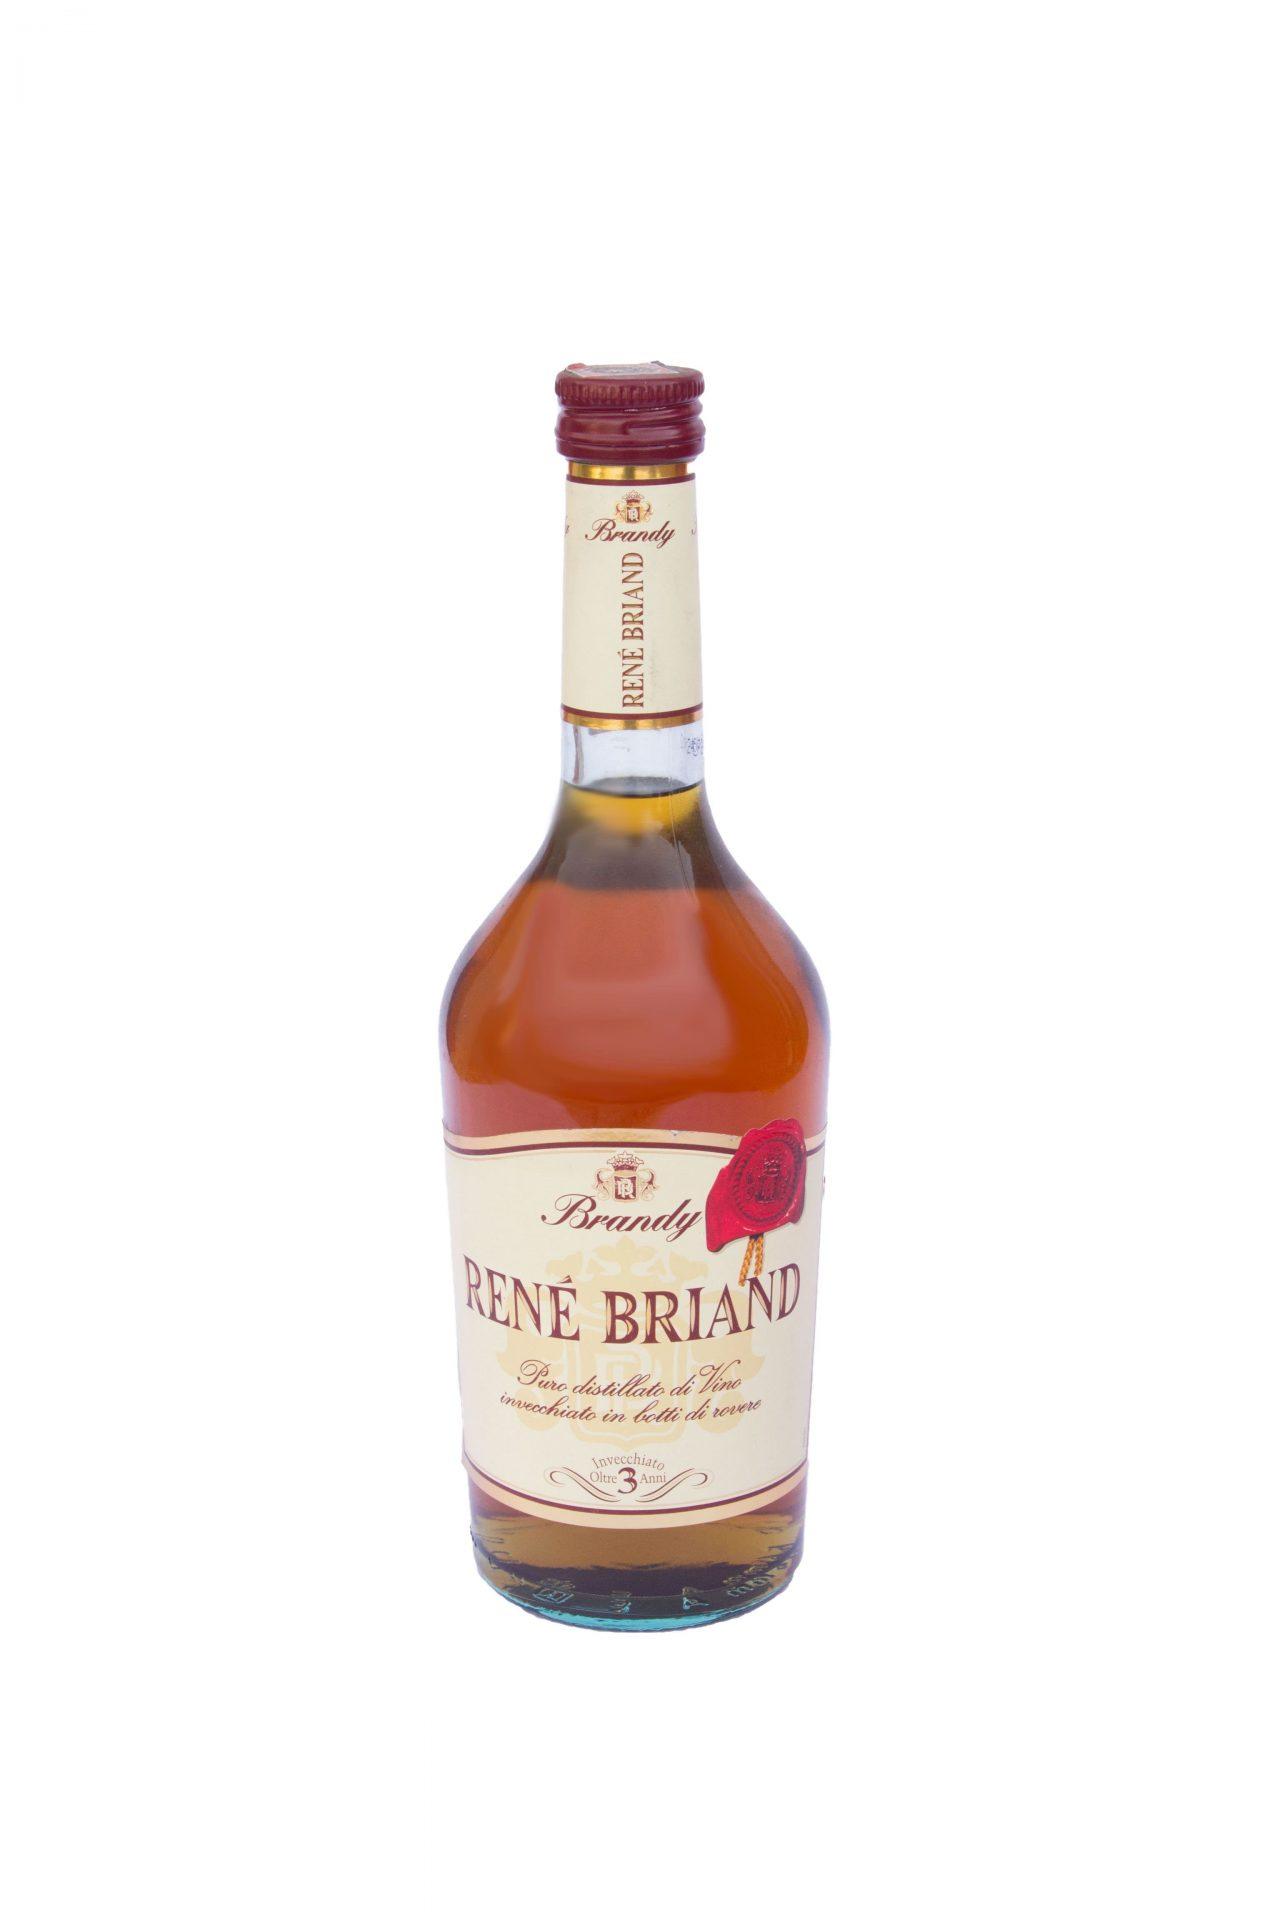 Brandy René Briand